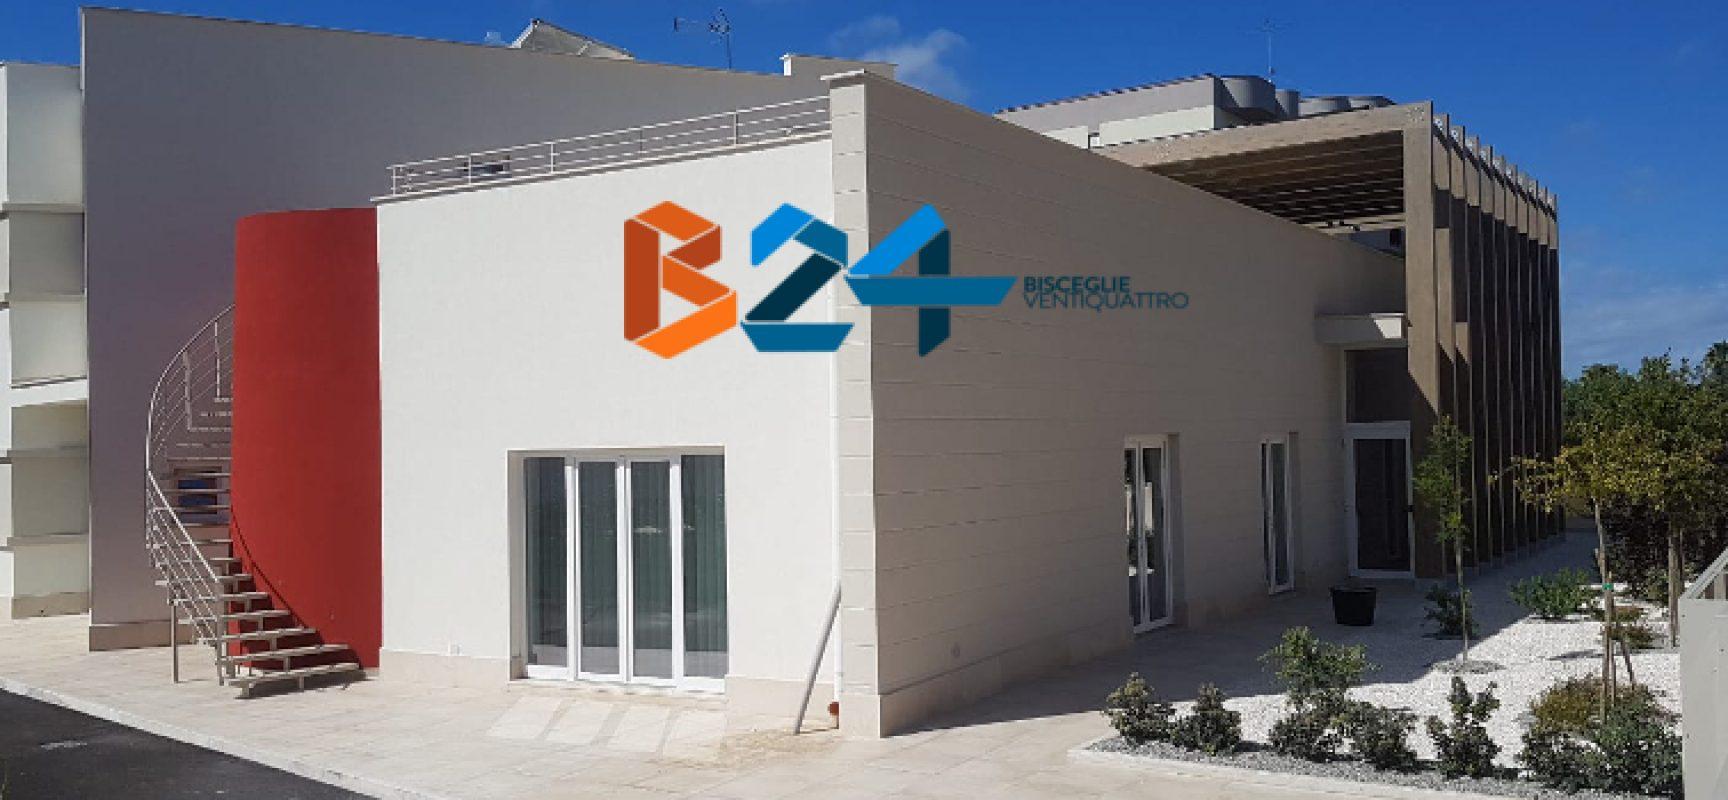 """Cooperativa Temenos inaugura centro sociale polivalente: """"Modernità e socializzazione"""""""